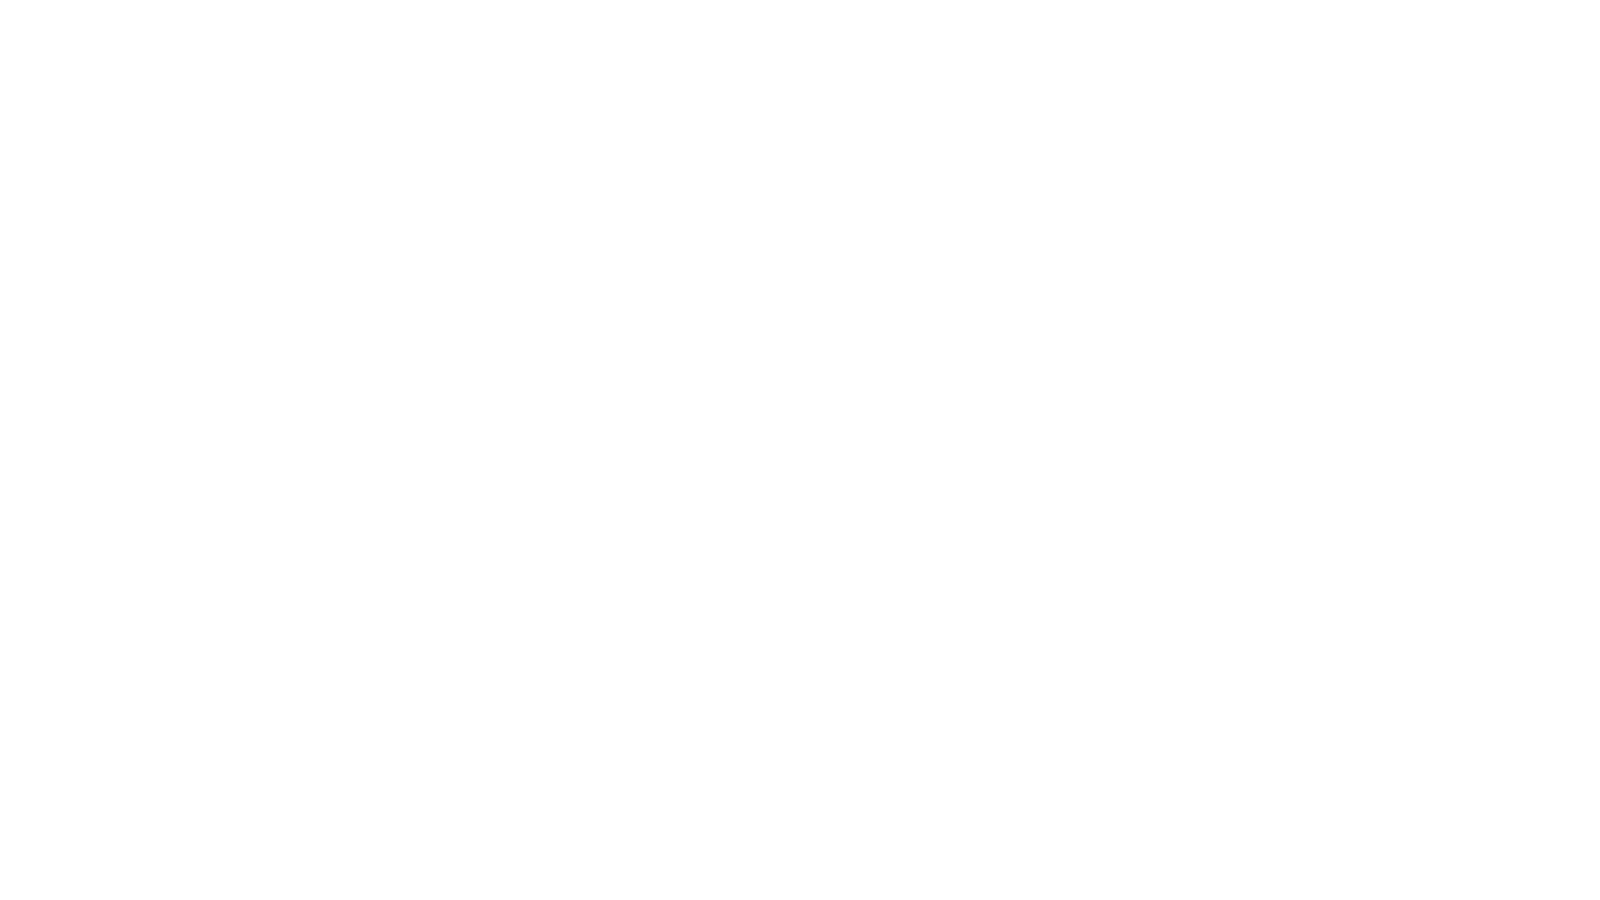 ★★★★★★★★★★★★★★★★★★★★★  無農薬のレモンと柚子をもらったので、一気に使い切った、とある日のVlogです。 低糖質でグルテンフリーの「レモンとローズマリーのフォカッチャ」「チョコレートパウンドケーキ〜豆乳グルトと柚子ゼストのせ〜」   ご参考に♪   《MEDIA》  CLIP'CLIP:https://clip-clip.jp/  Instagram:https://www.instagram.com/clipclip_hiroko/  Twitter:https://twitter.com/clip_hiroko    #グルテンフリー #低糖質 #ゆず #レモン ★★★★★★★★★★★★★★★★★★★★★